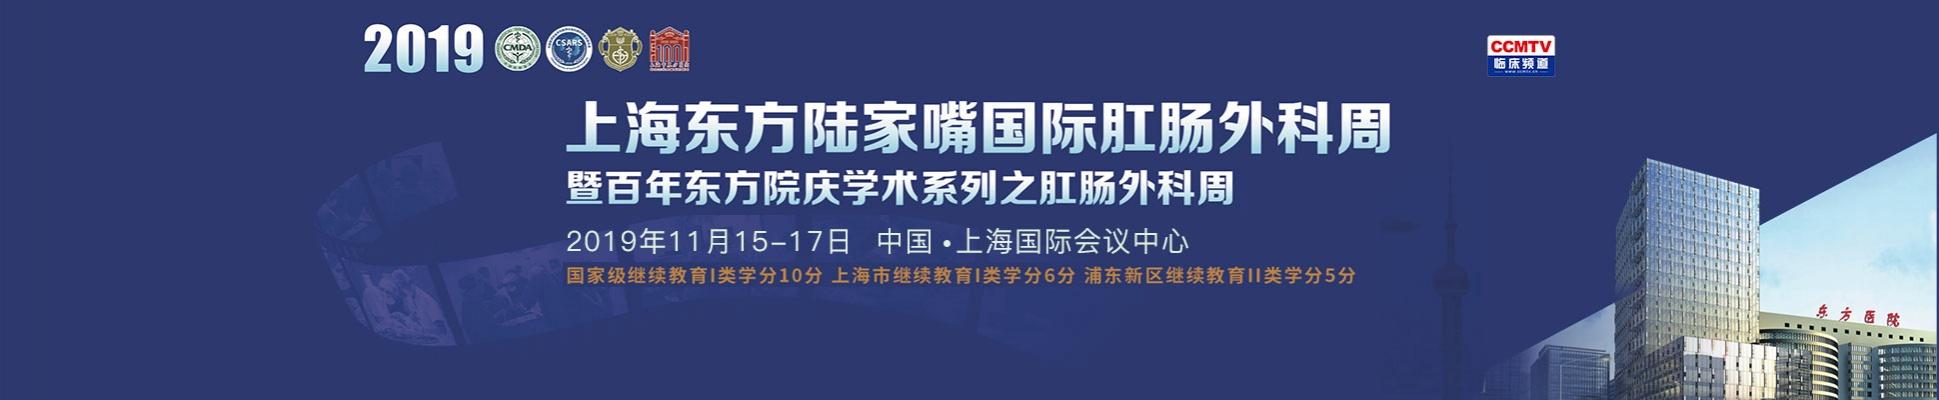 2019上海東方陸家嘴國際肛腸外科周